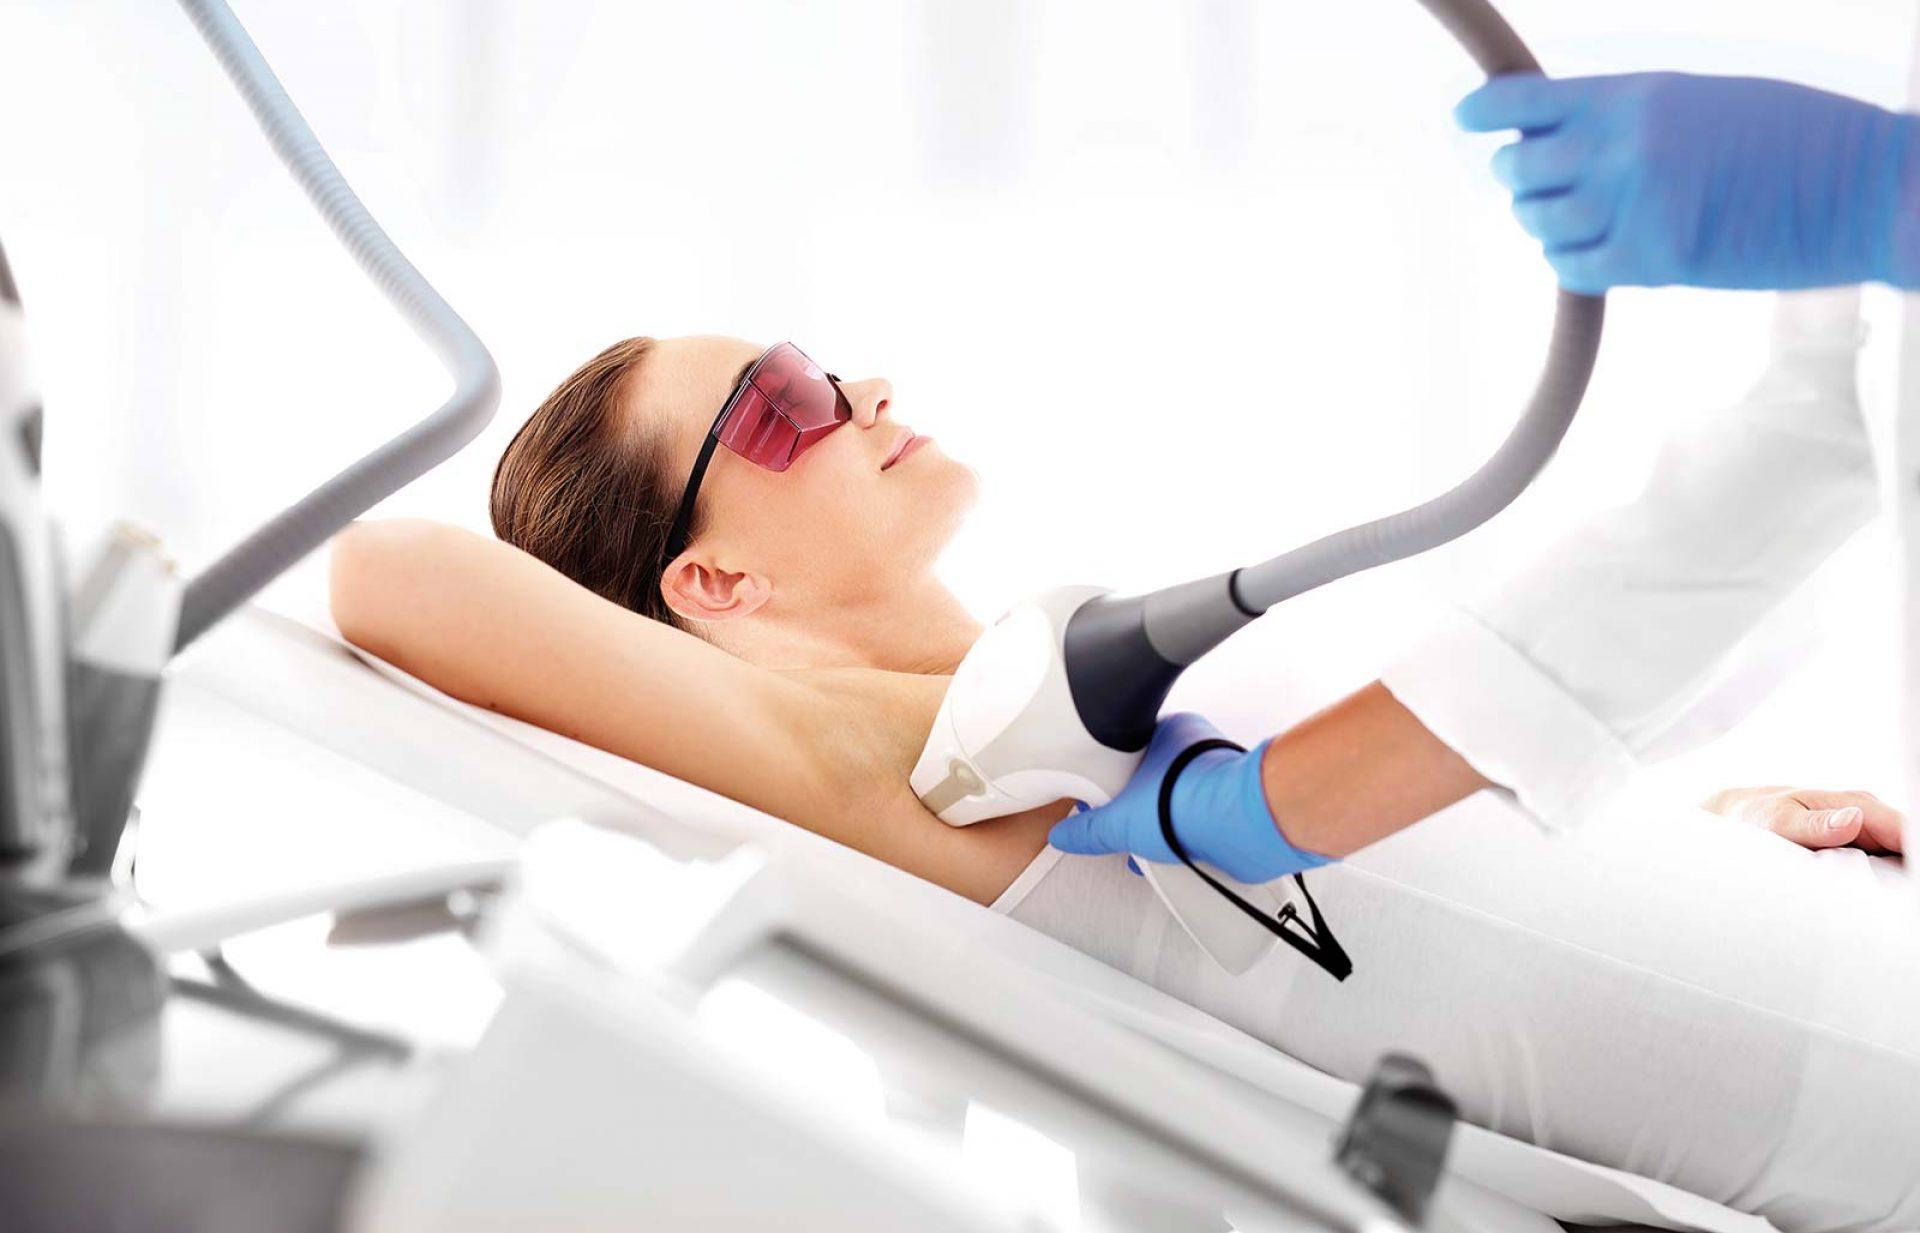 Medizinische Laser-Haarentfernung im medsyn Zentrum für Haut- und Venenerkrankungen